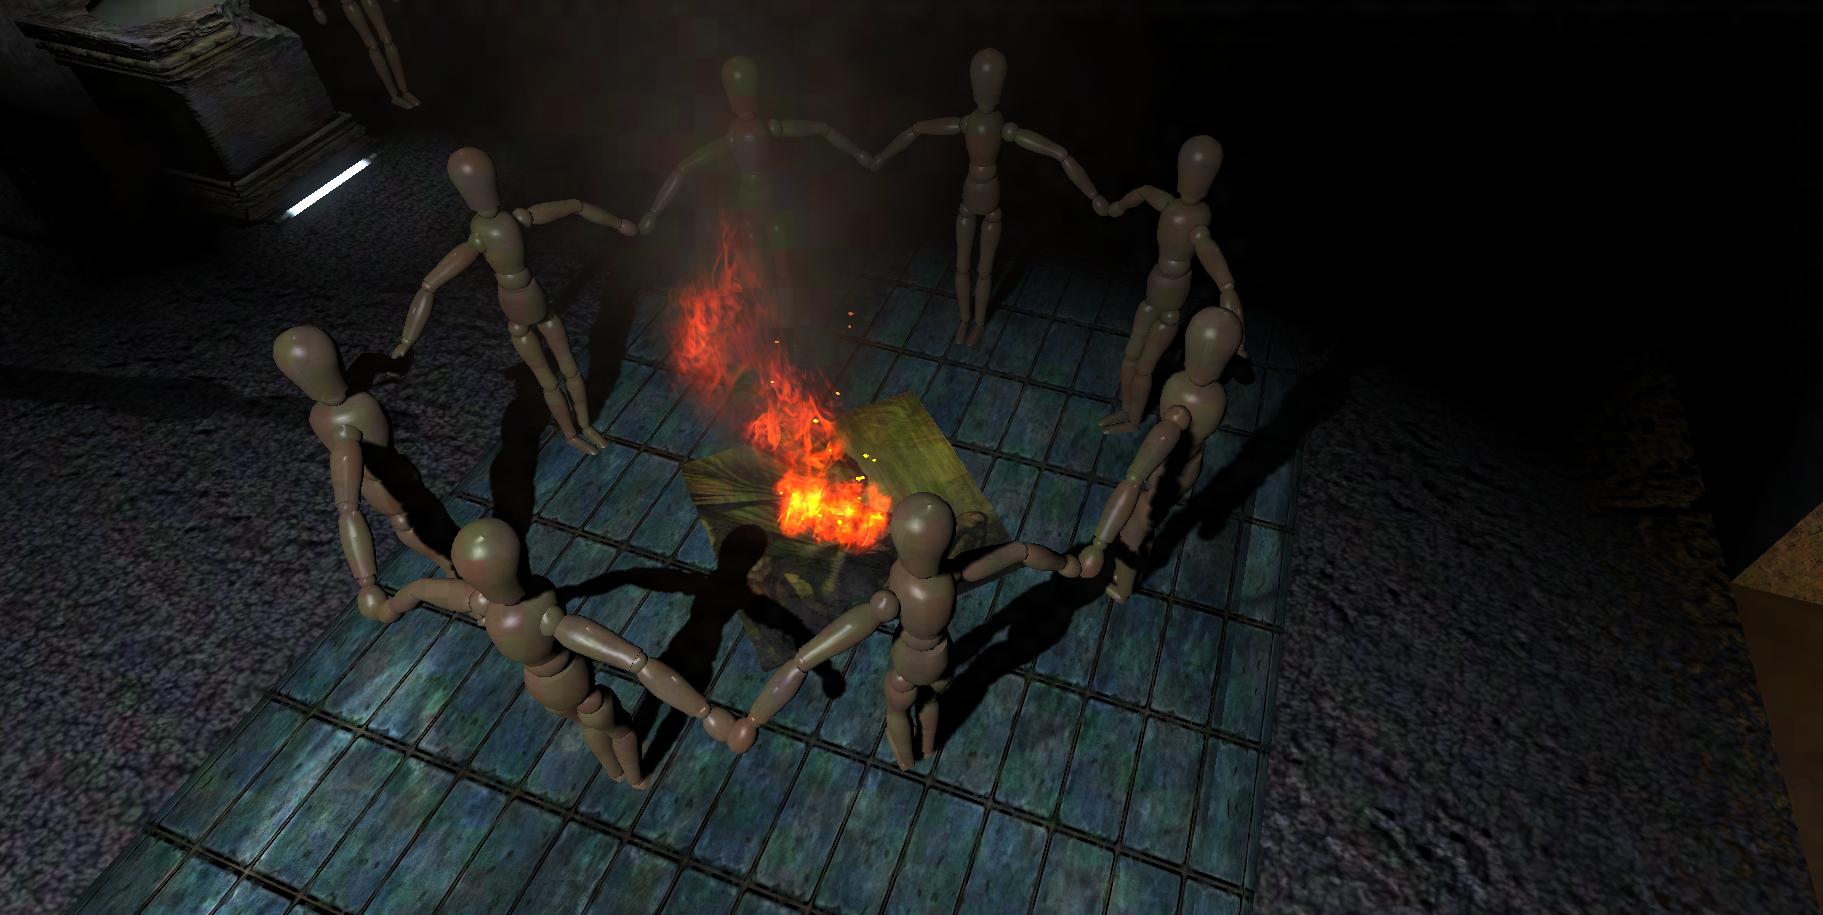 Juegos Indie de terror, una nueva moda bastante apetitosa  Screenshot2